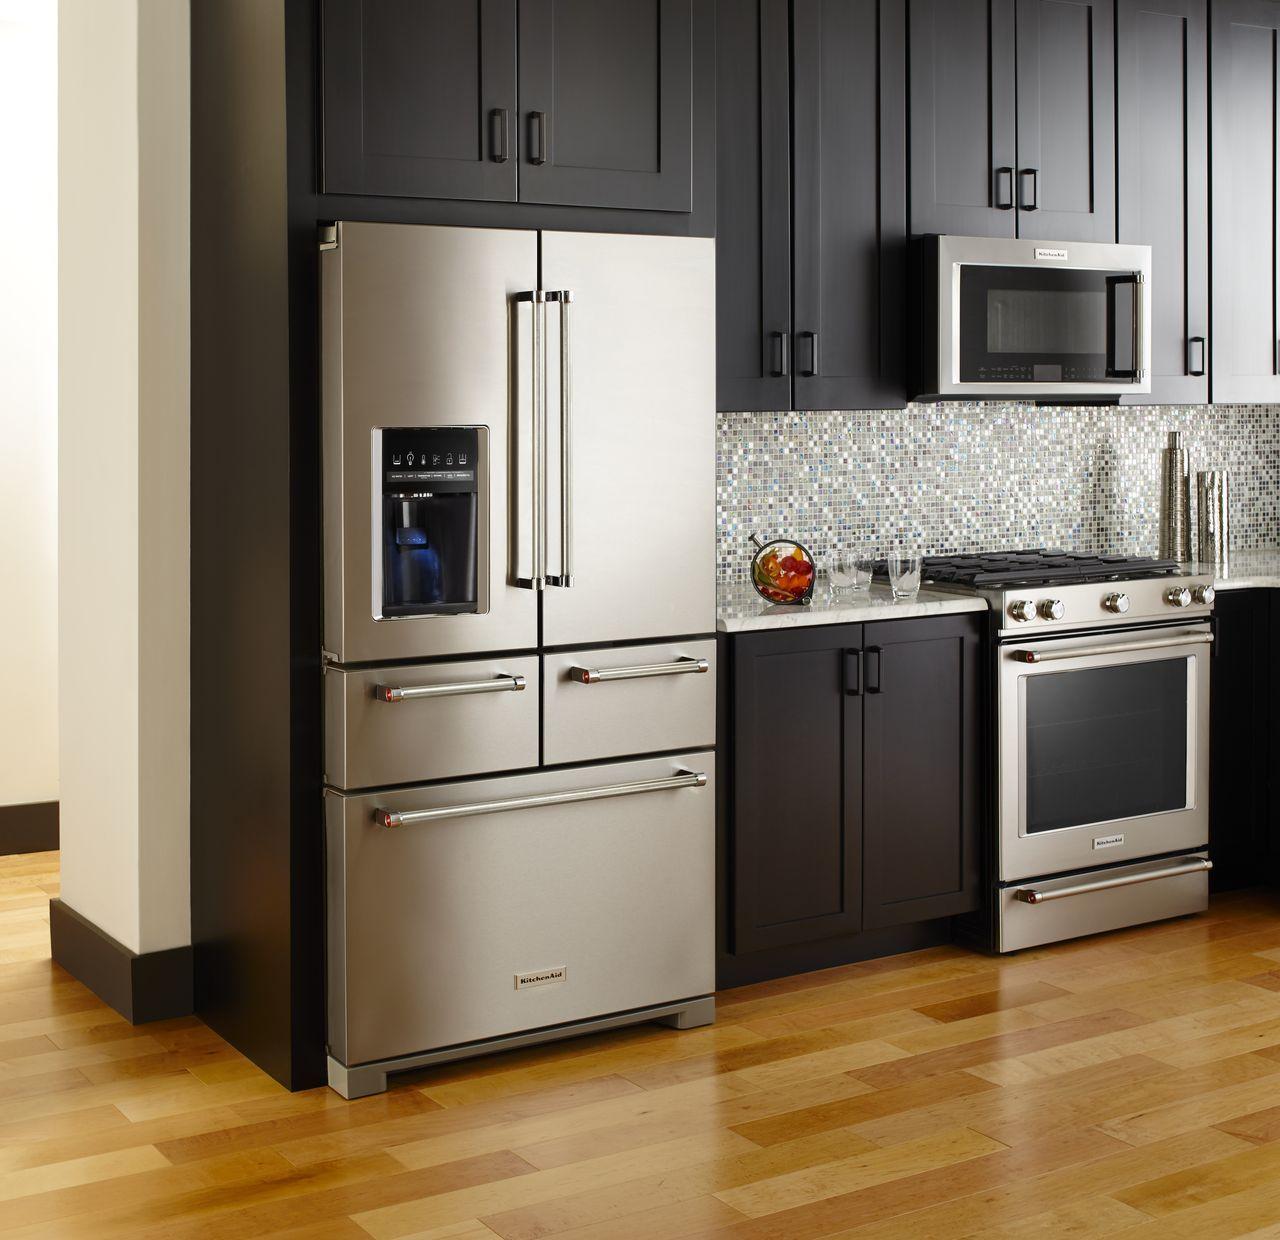 Stainless Steel 25 8 Cu Ft 36 Multi Door Freestanding Refrigerator With Platinum Interior Design Krmf706ess Kitchenaid Kitchen Aid Appliances Kitchen Appliance Packages Outdoor Kitchen Appliances